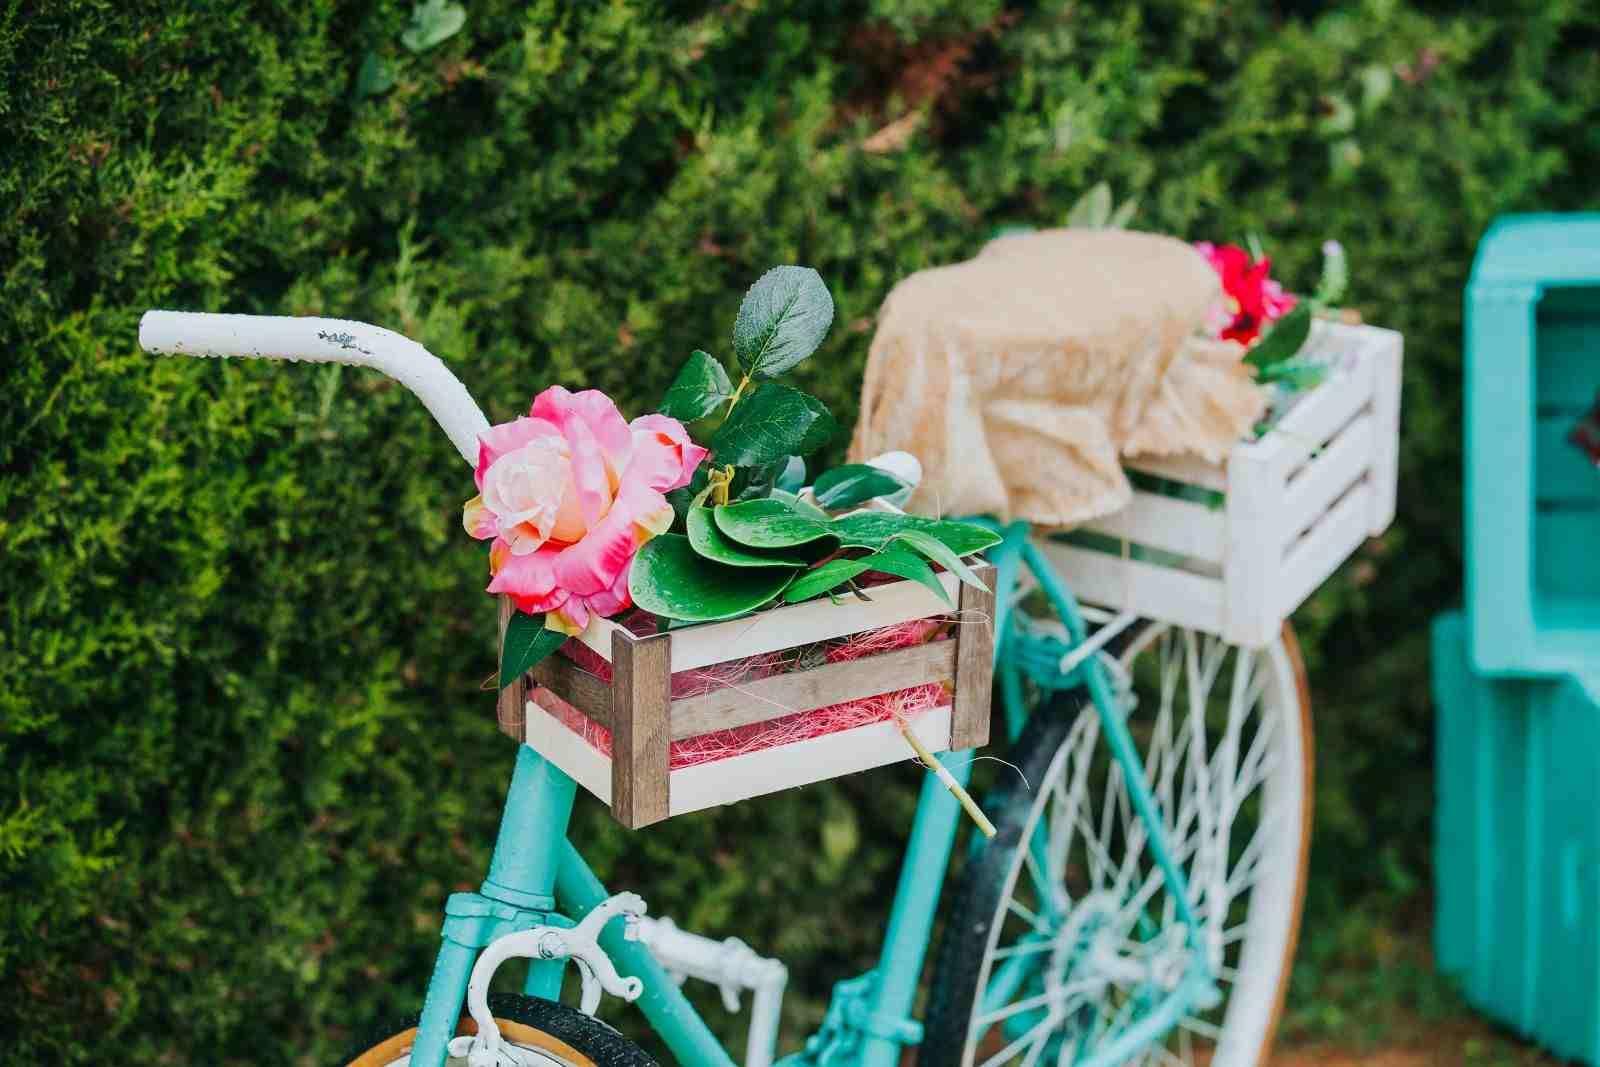 Vélo Déco Jardin En 20 Idées À Copier De Toute Urgence ... tout Velo Deco Jardin